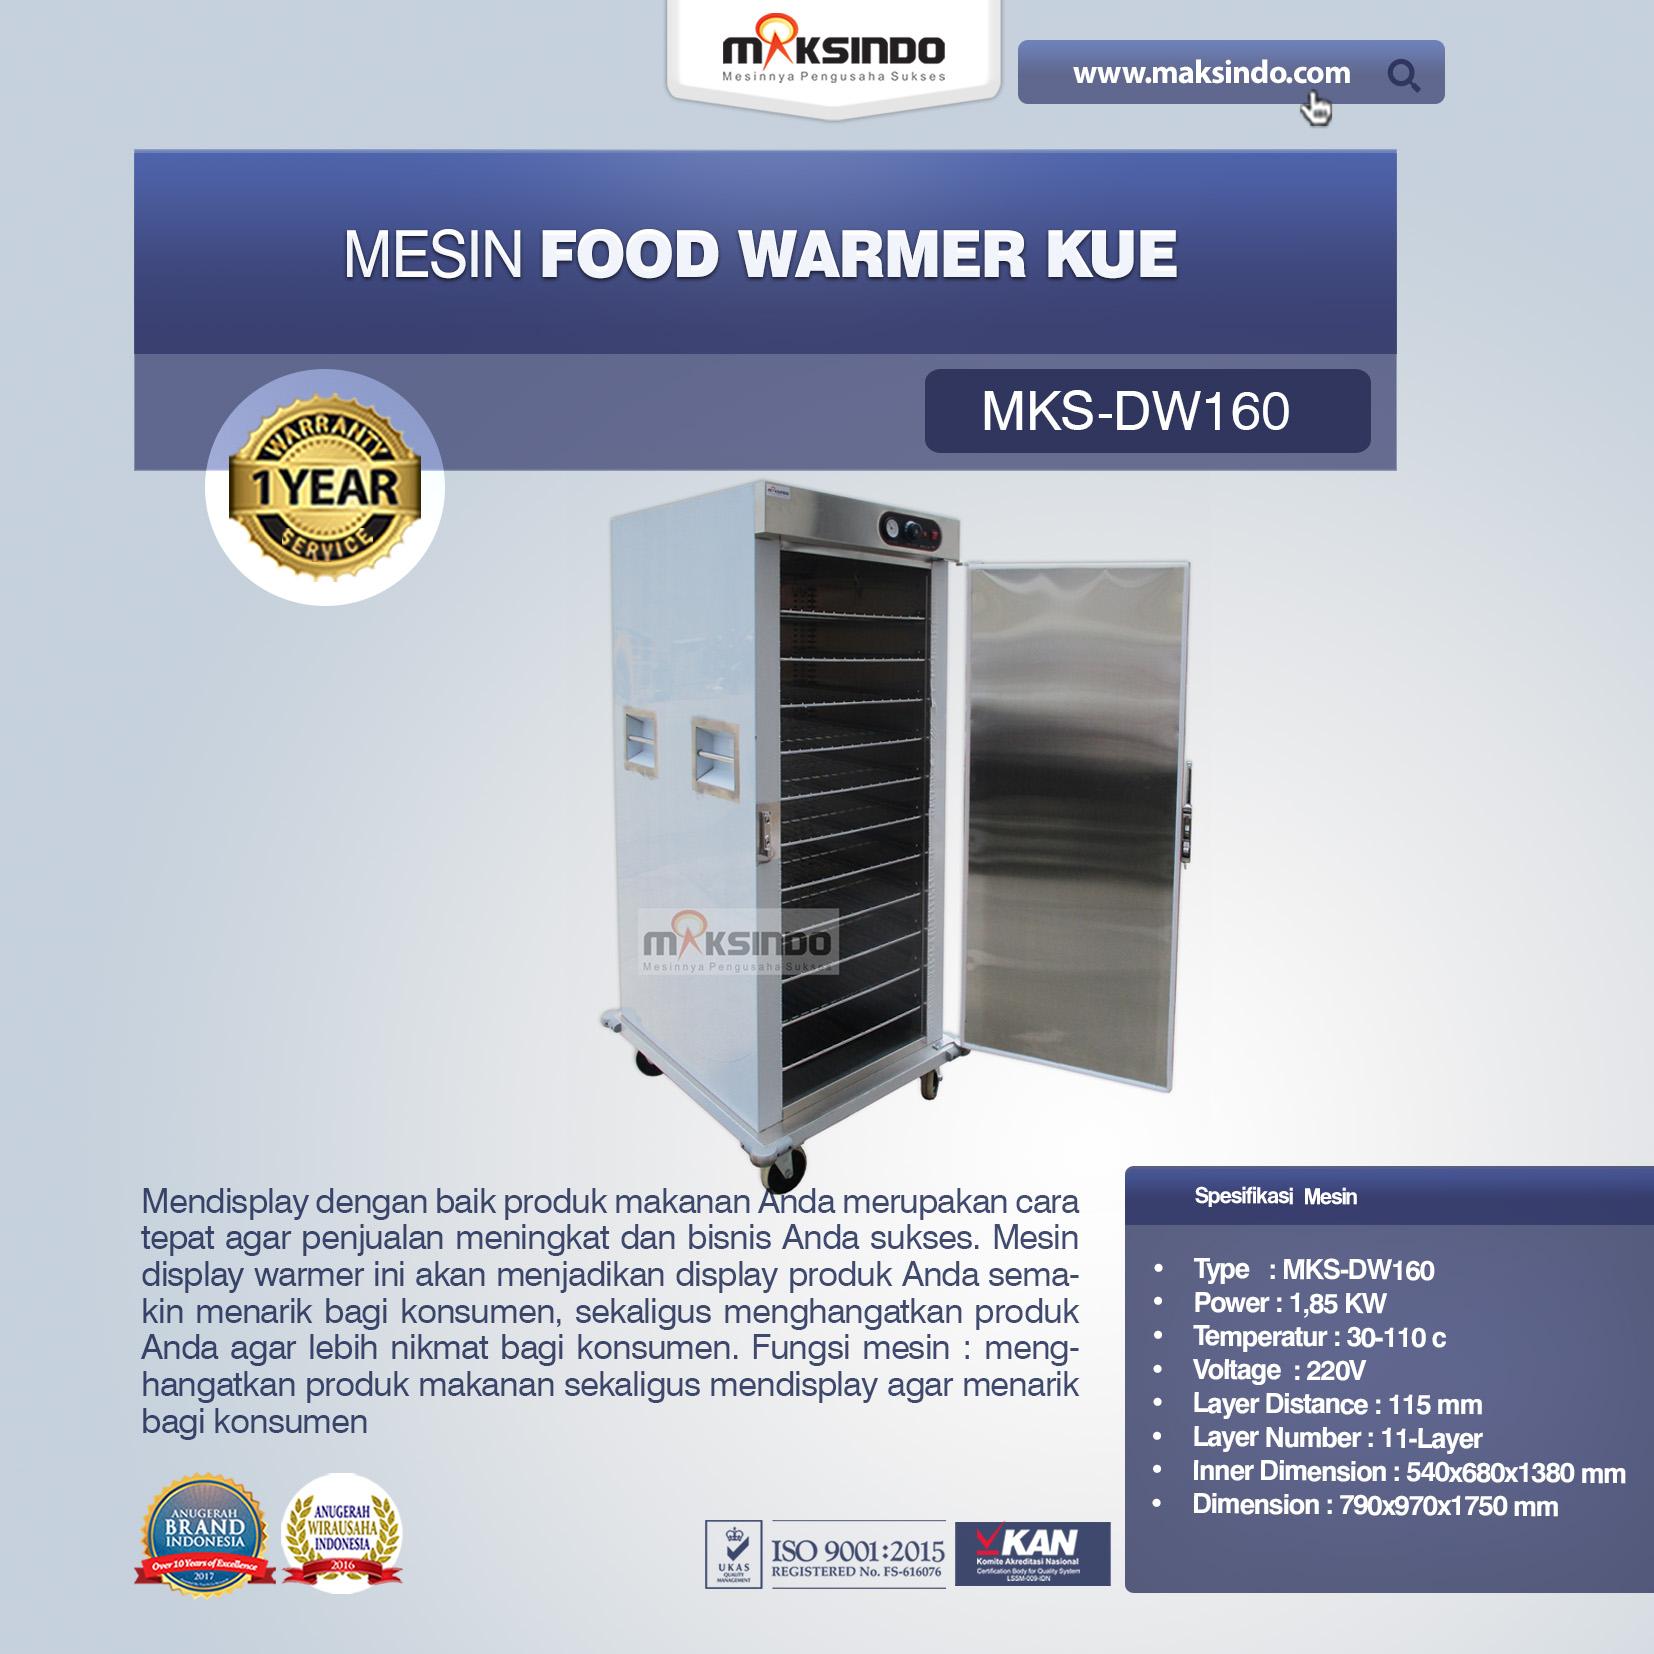 Jual Mesin Food Warmer Kue MKS-DW160 di Medan